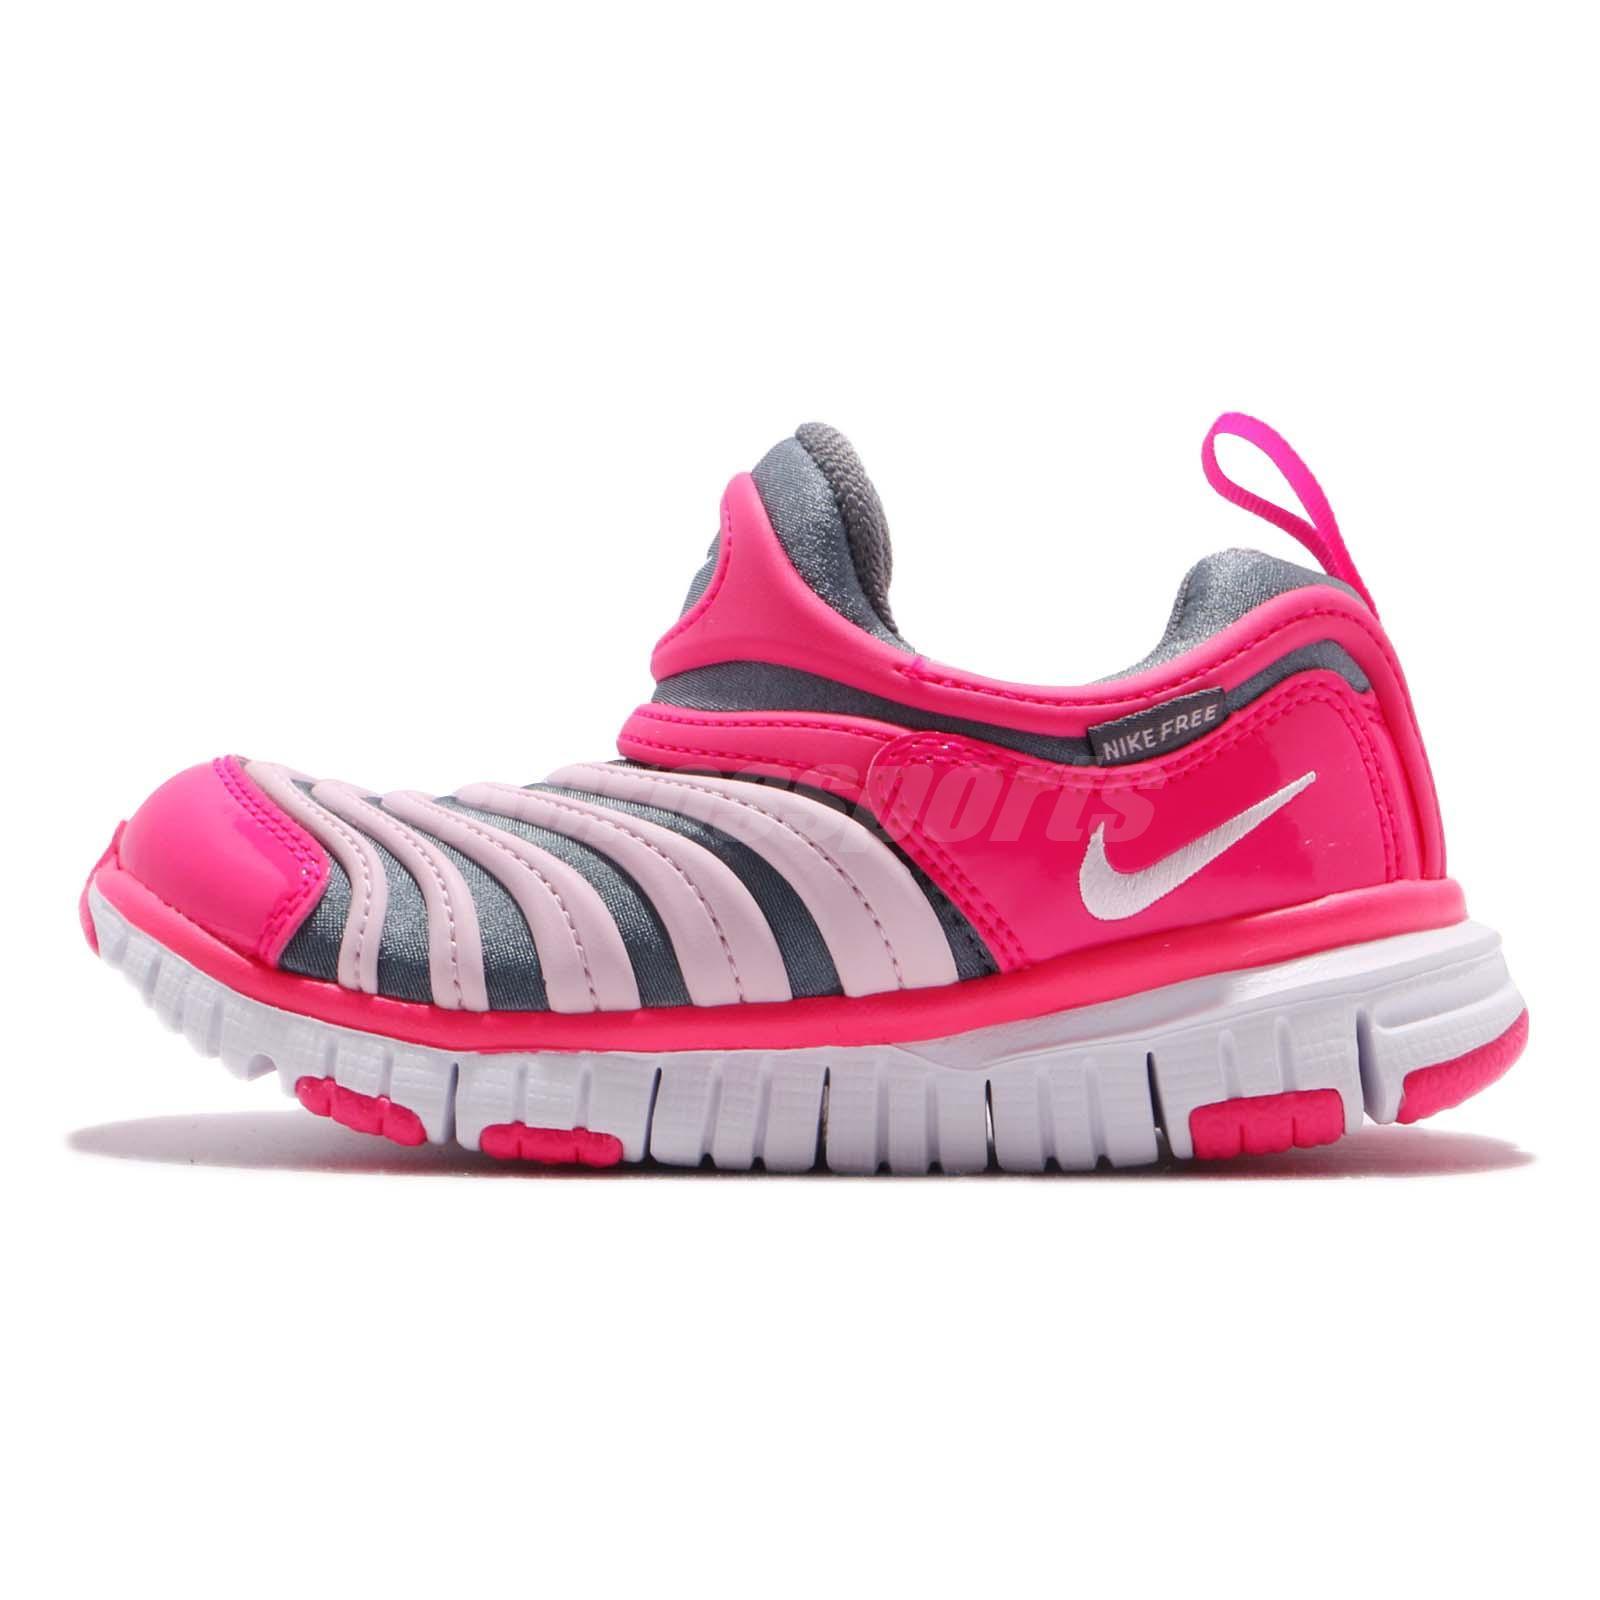 e522289a988137 Nike Dynamo Free PS Grey Pink White Kid Preschool Slip On Shoes 343738-019